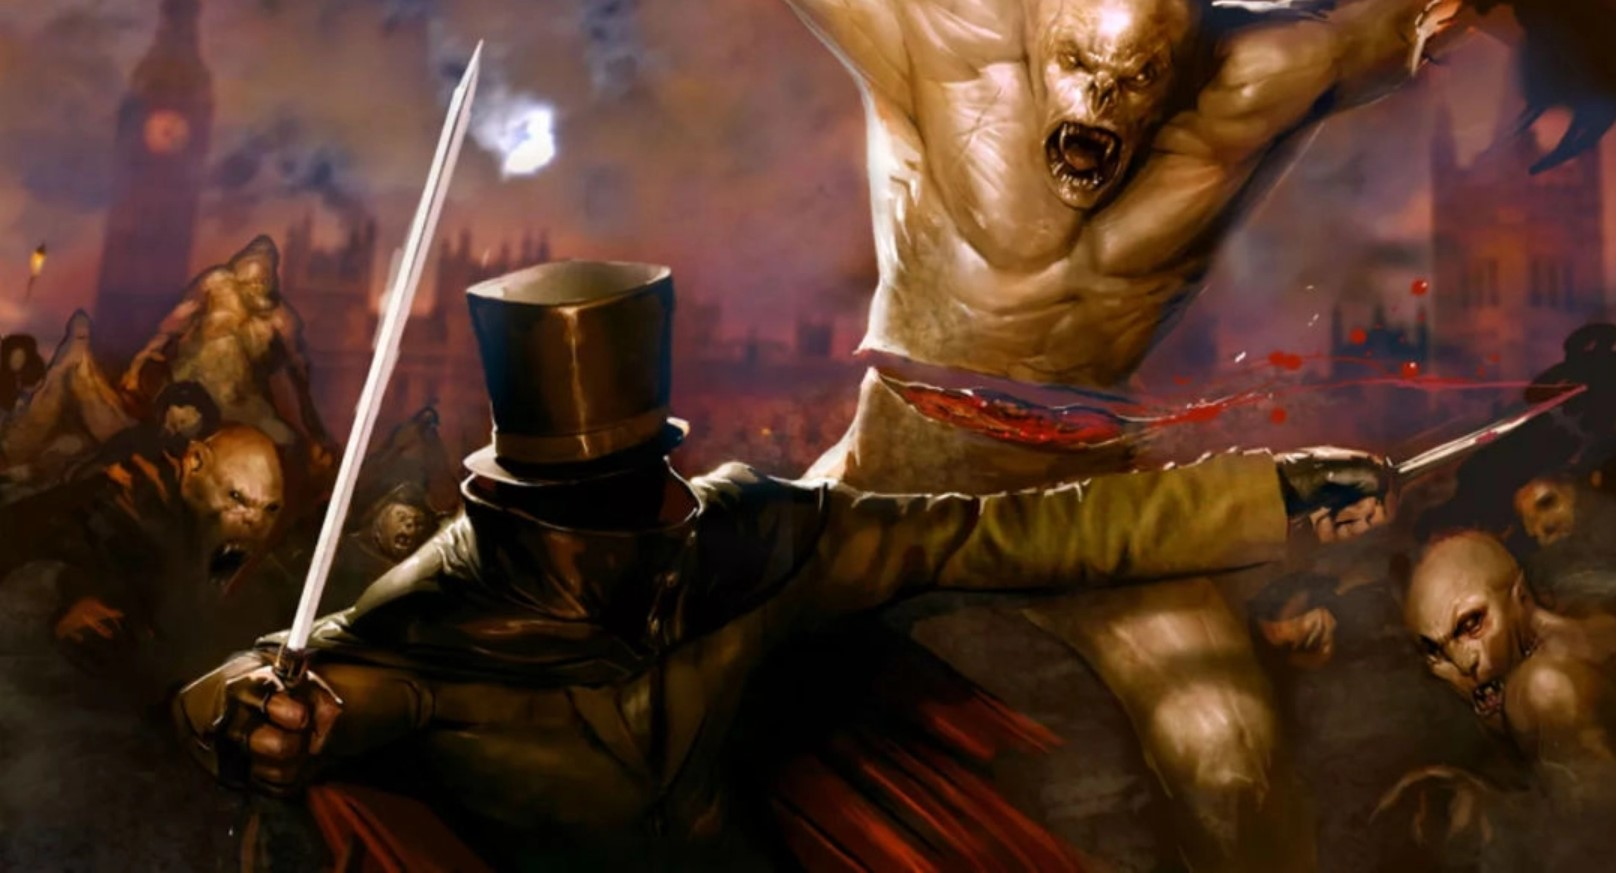 《死亡空间》开发商曾开发《开膛手杰克》 遗憾被取消